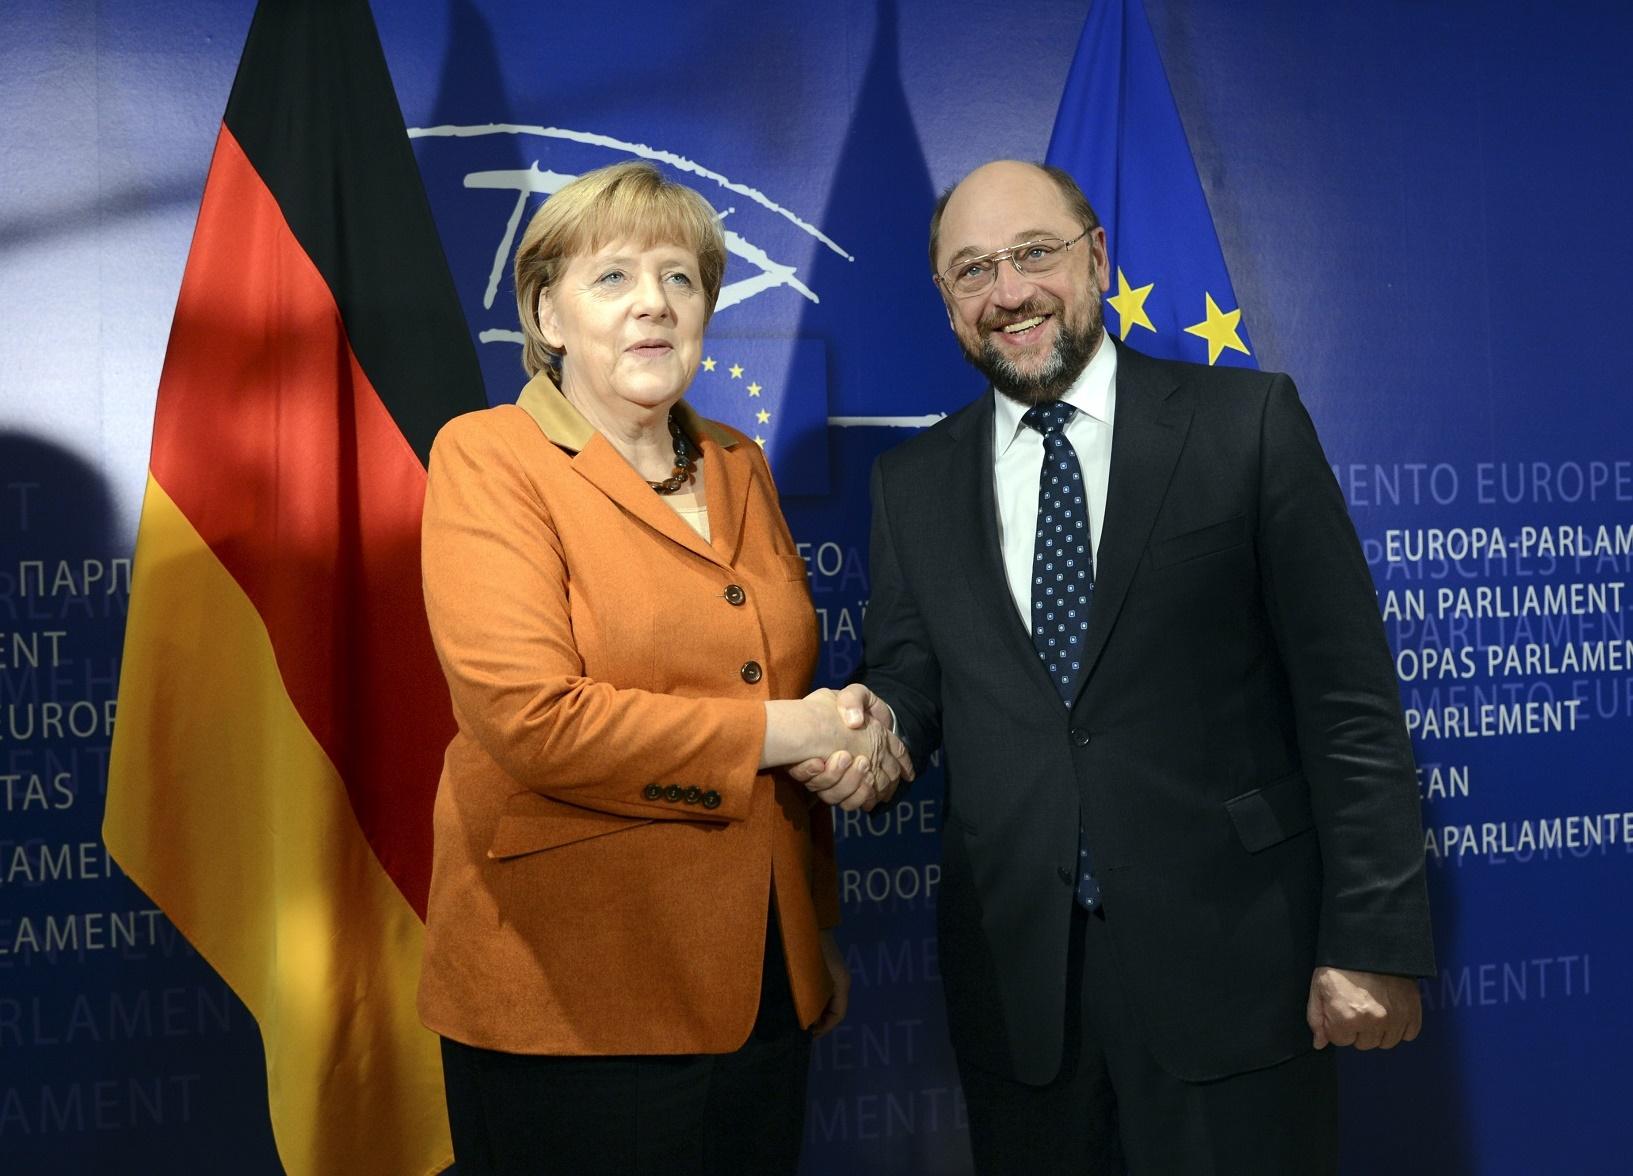 Germania, SPD elegge Schulz presidente al 100% 2